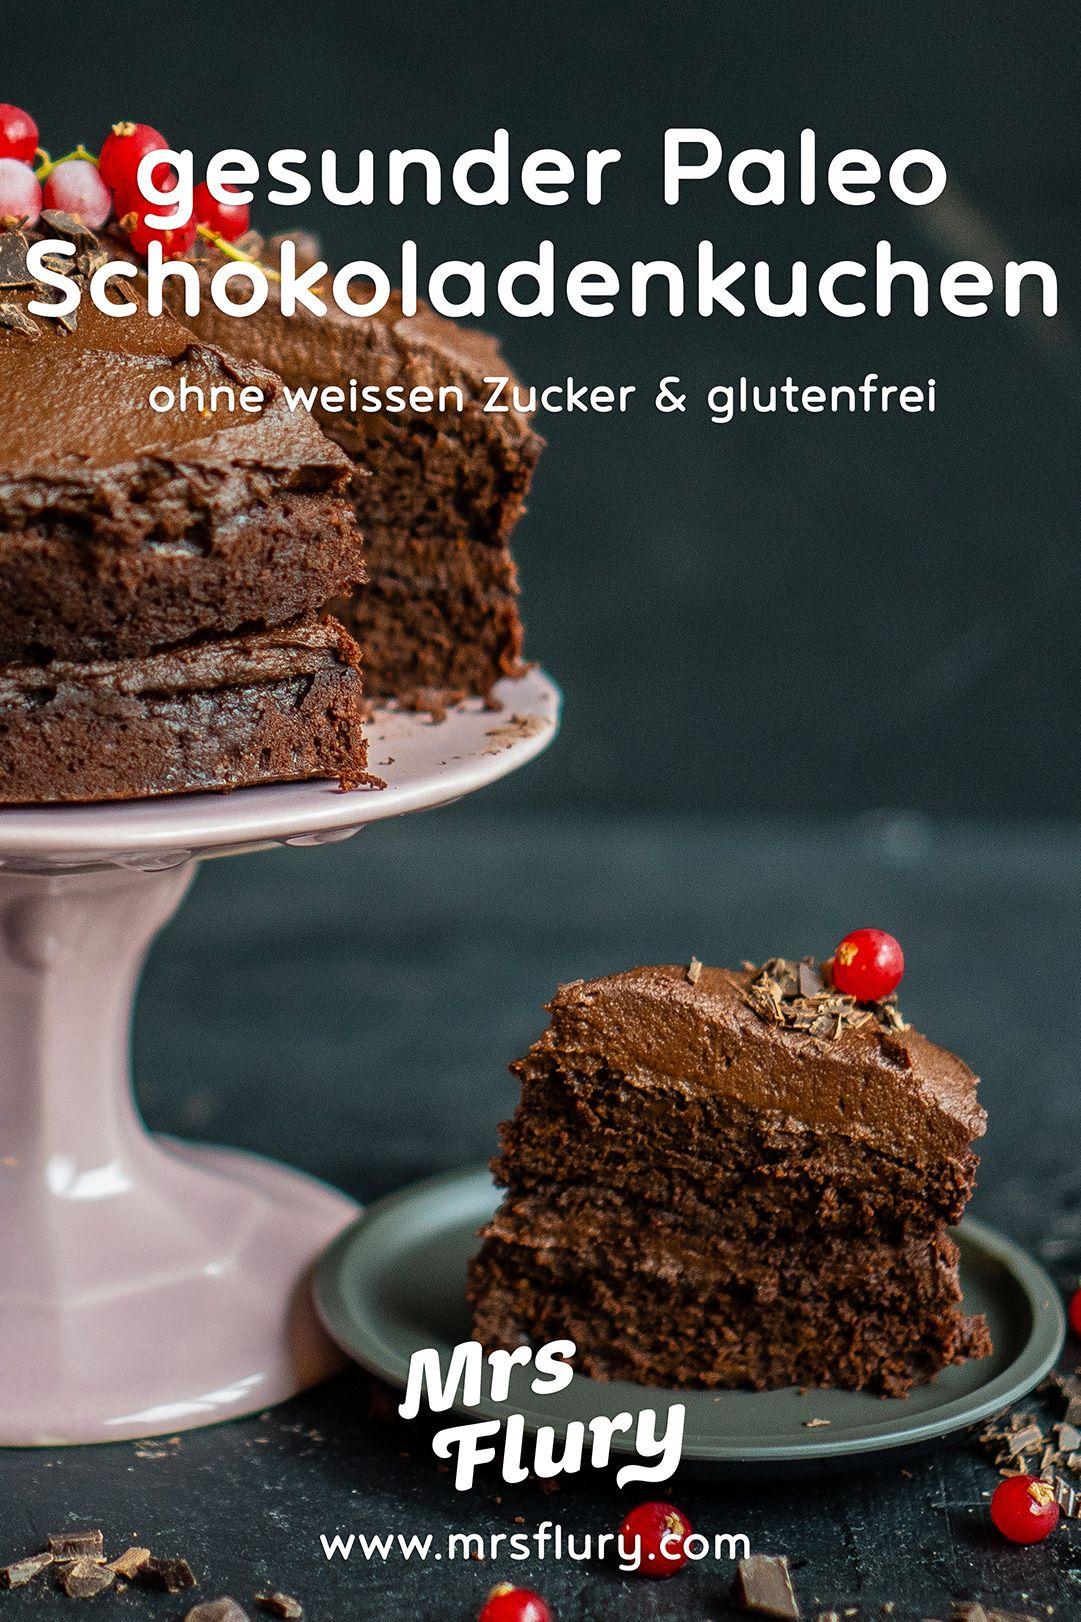 Paleo Schoko Kuchen mit Süsskartoffel - gesund & glutenfrei - Mrs Flury